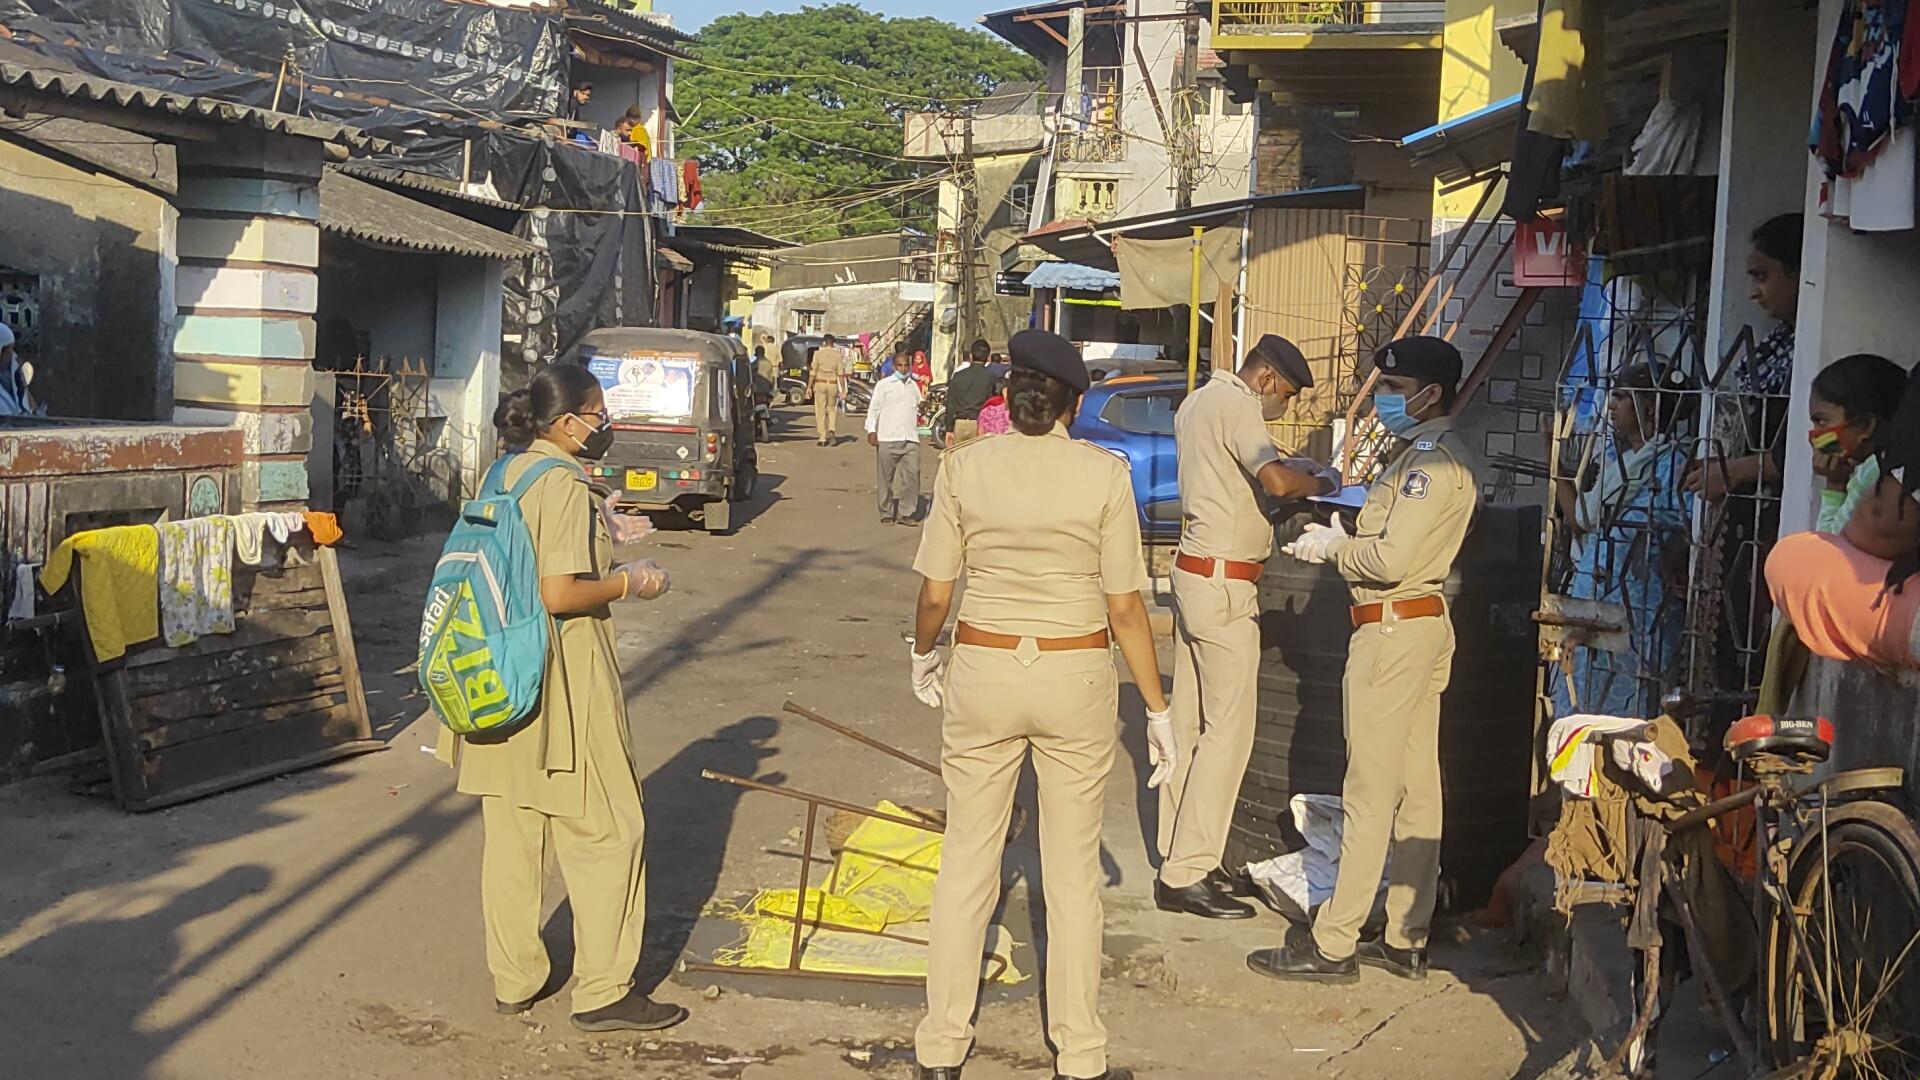 વલસાડ શહેરમાંથી અપહરણ કરાયેલી 13 વર્ષીય સગીરા રાજસ્થાનમાંથી મળી આવી|વલસાડ,Valsad - Divya Bhaskar